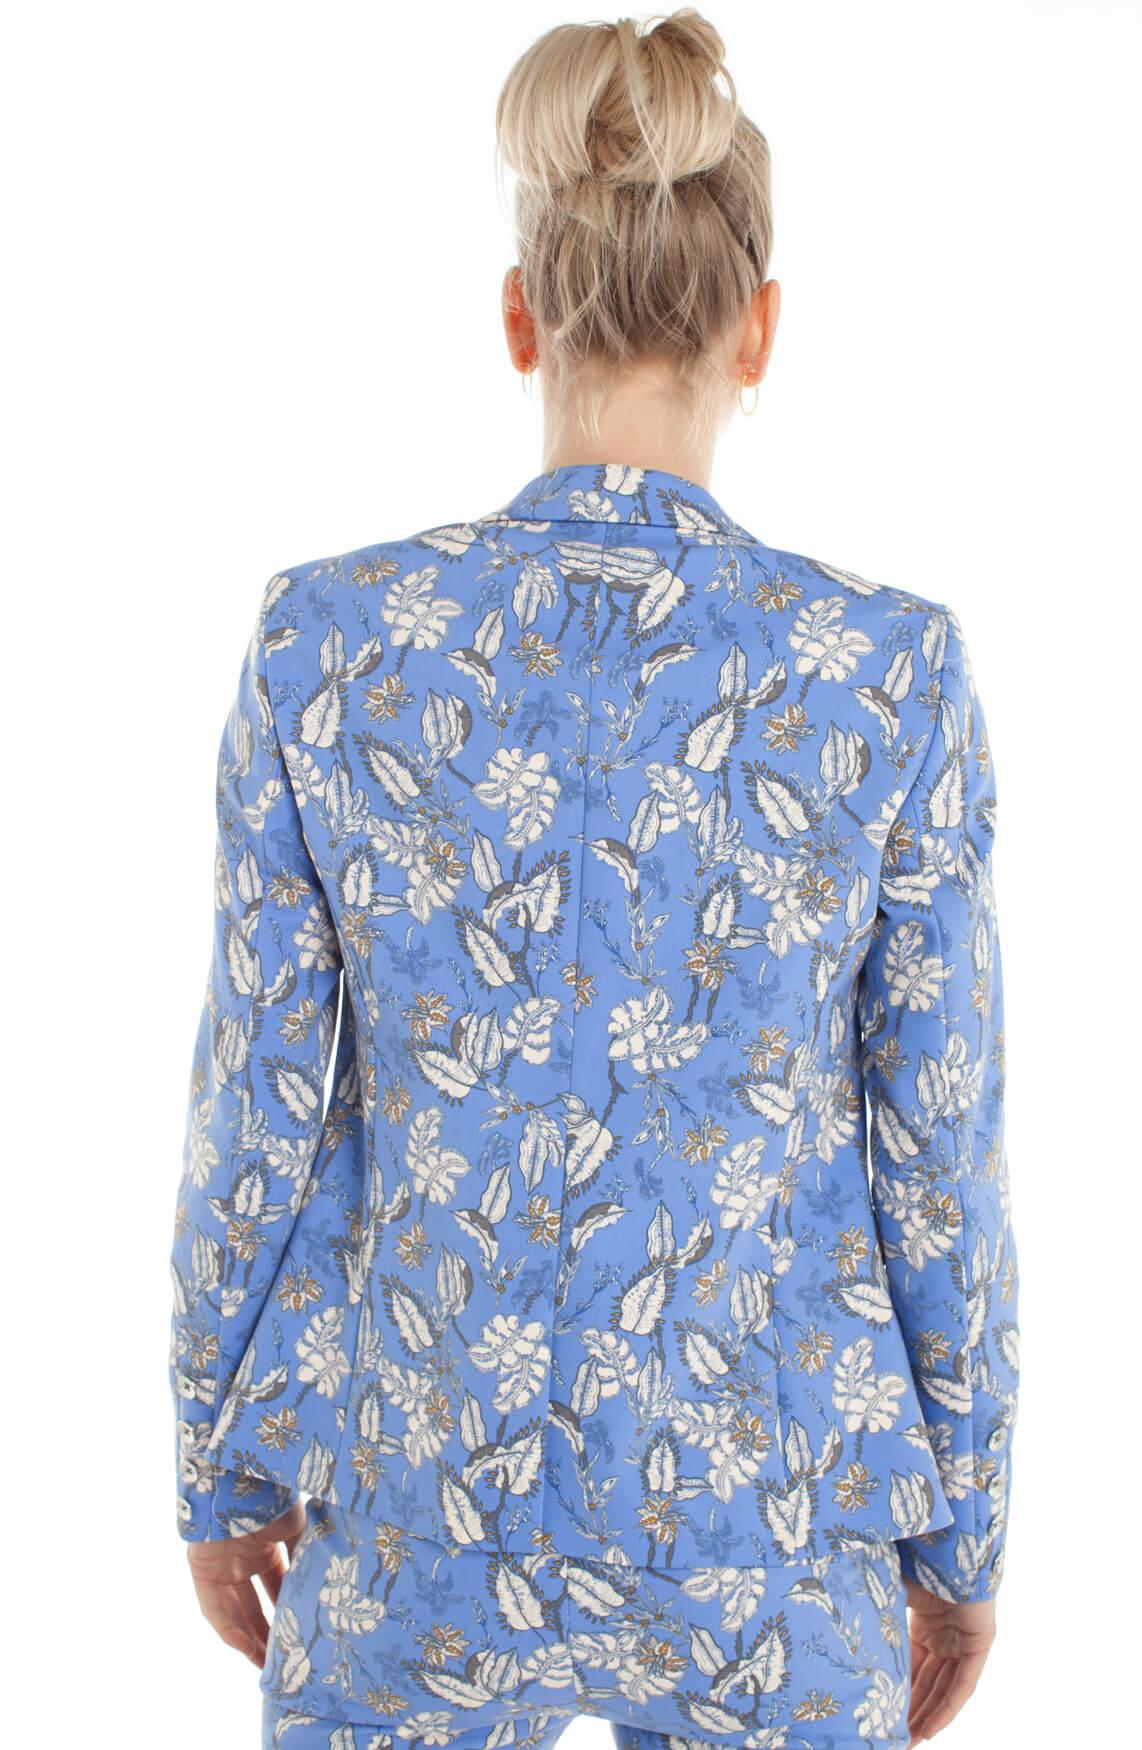 Mos Mosh Dames Blake gebloemde blazer Blauw | Anna van Toor